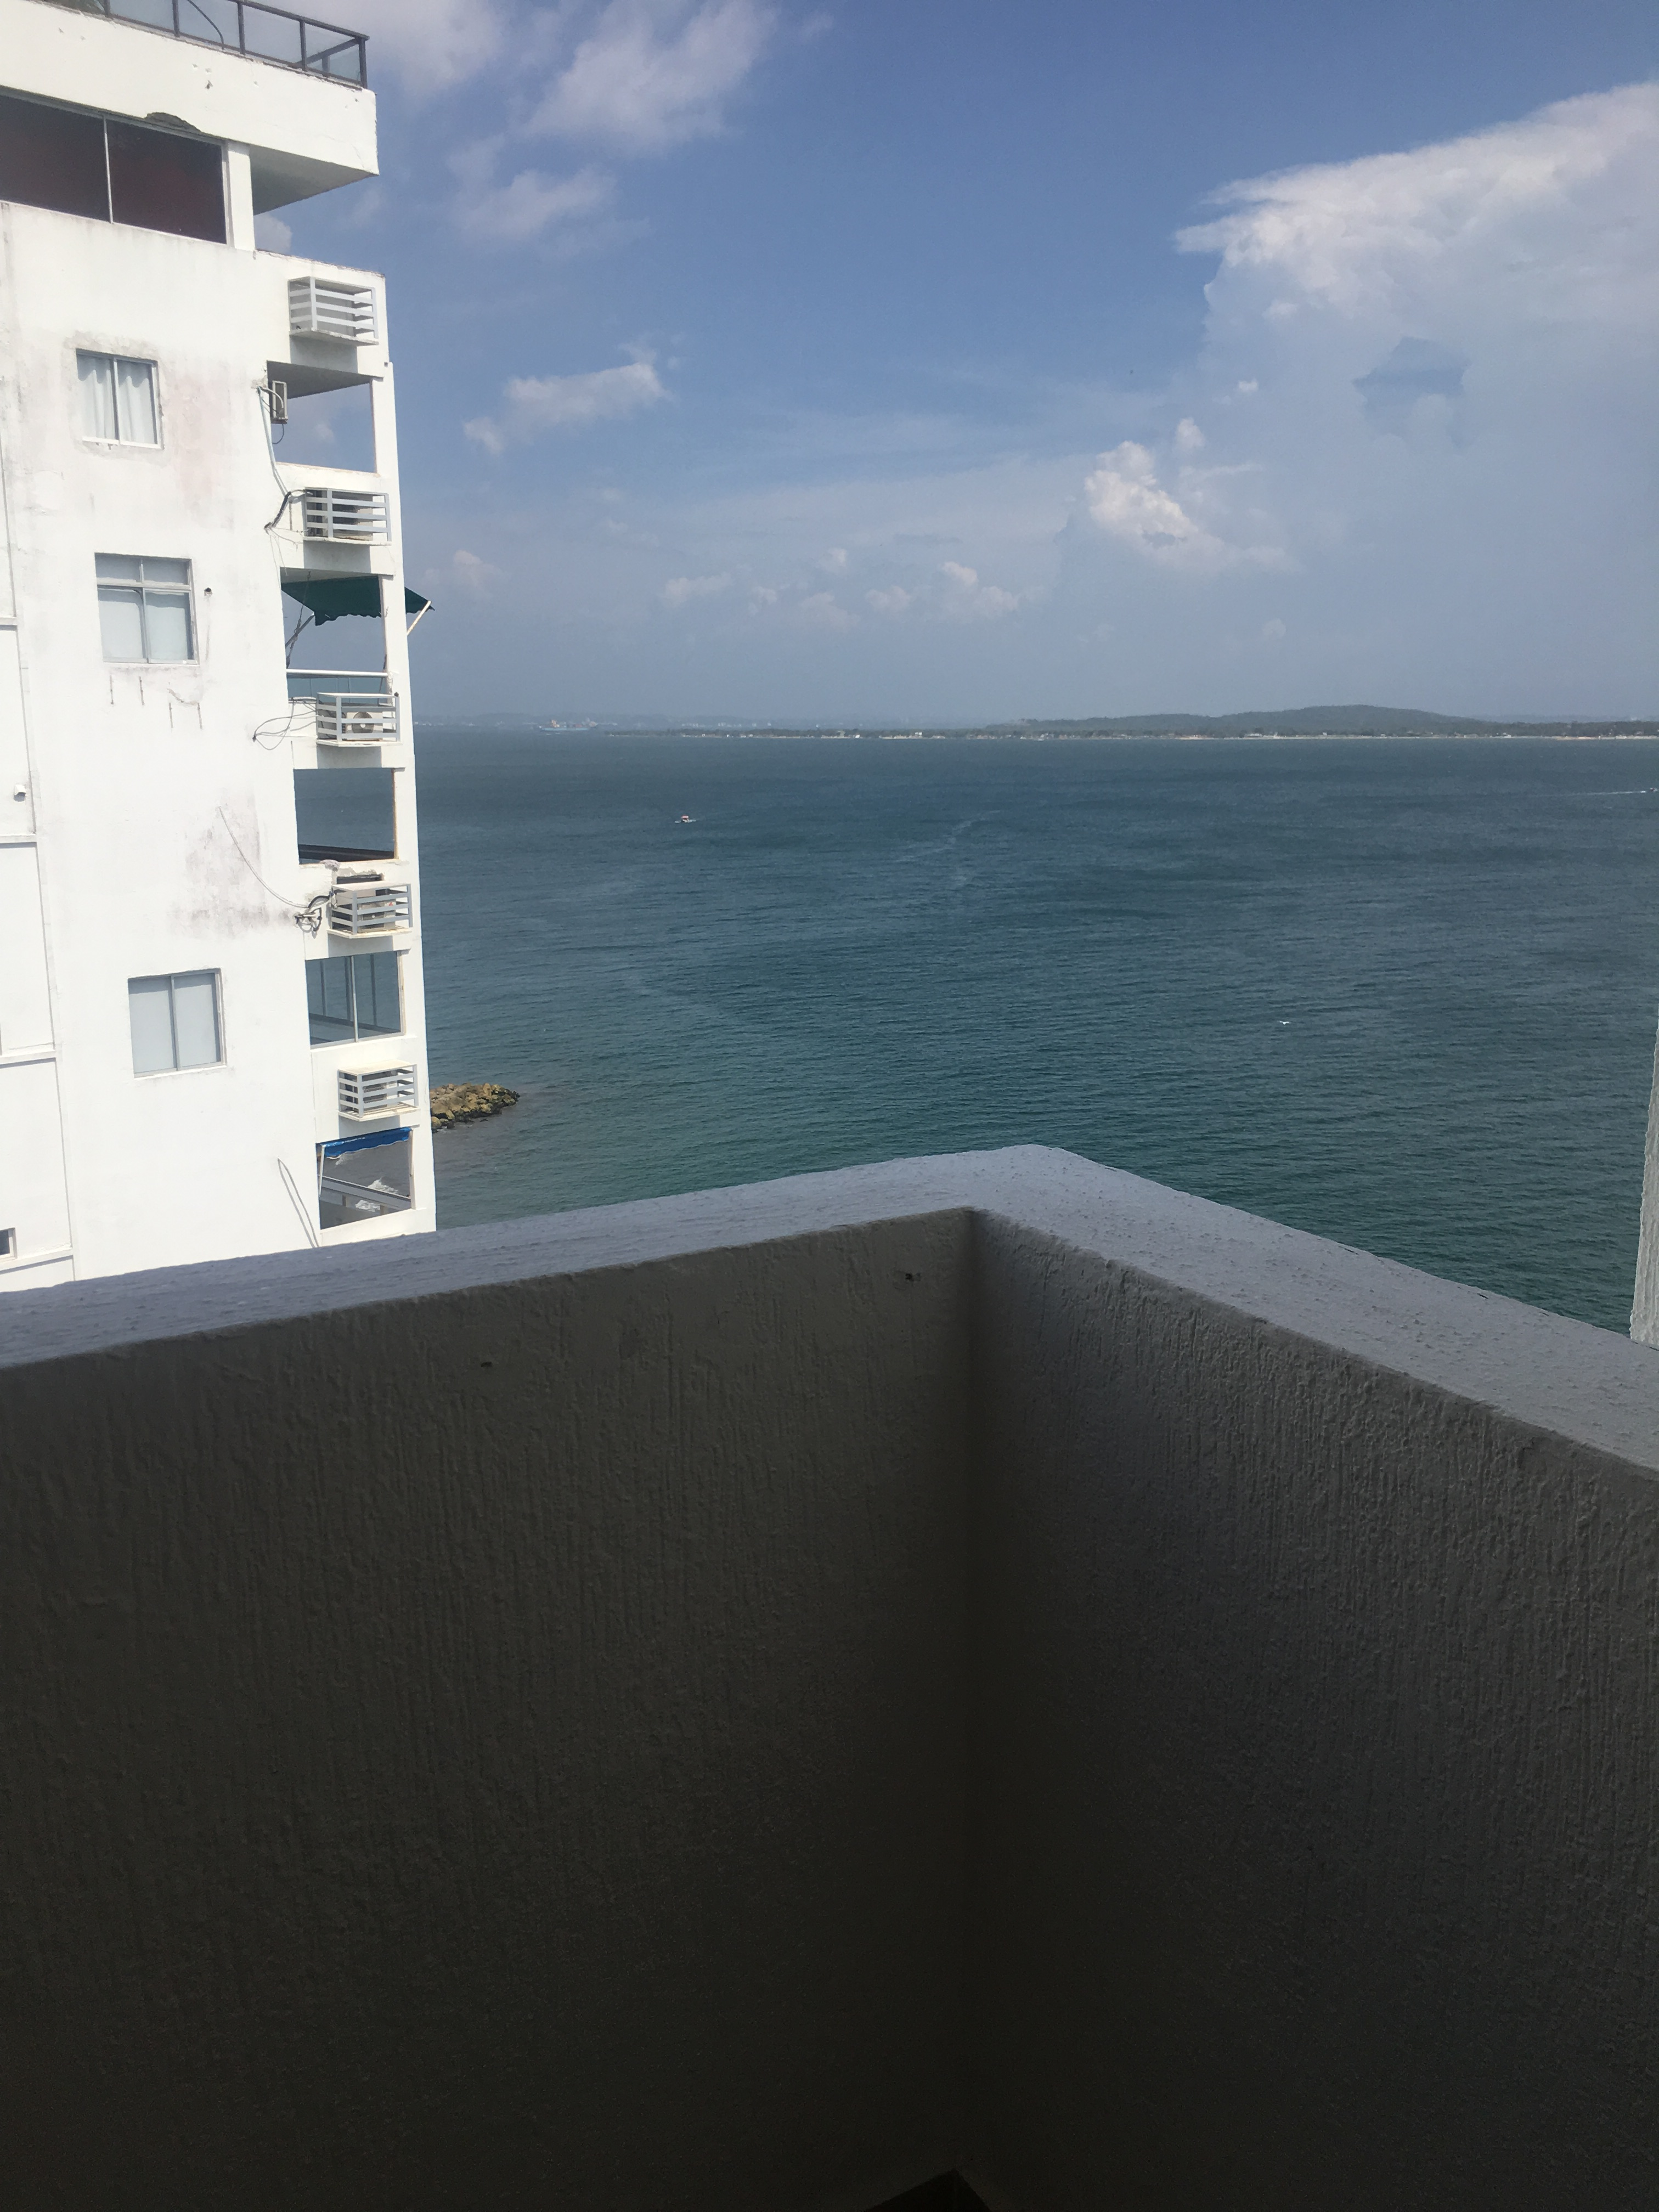 Wohnung in Cartagena Beachfront 2cr10 pro Tag Klimaanlage und Wifi